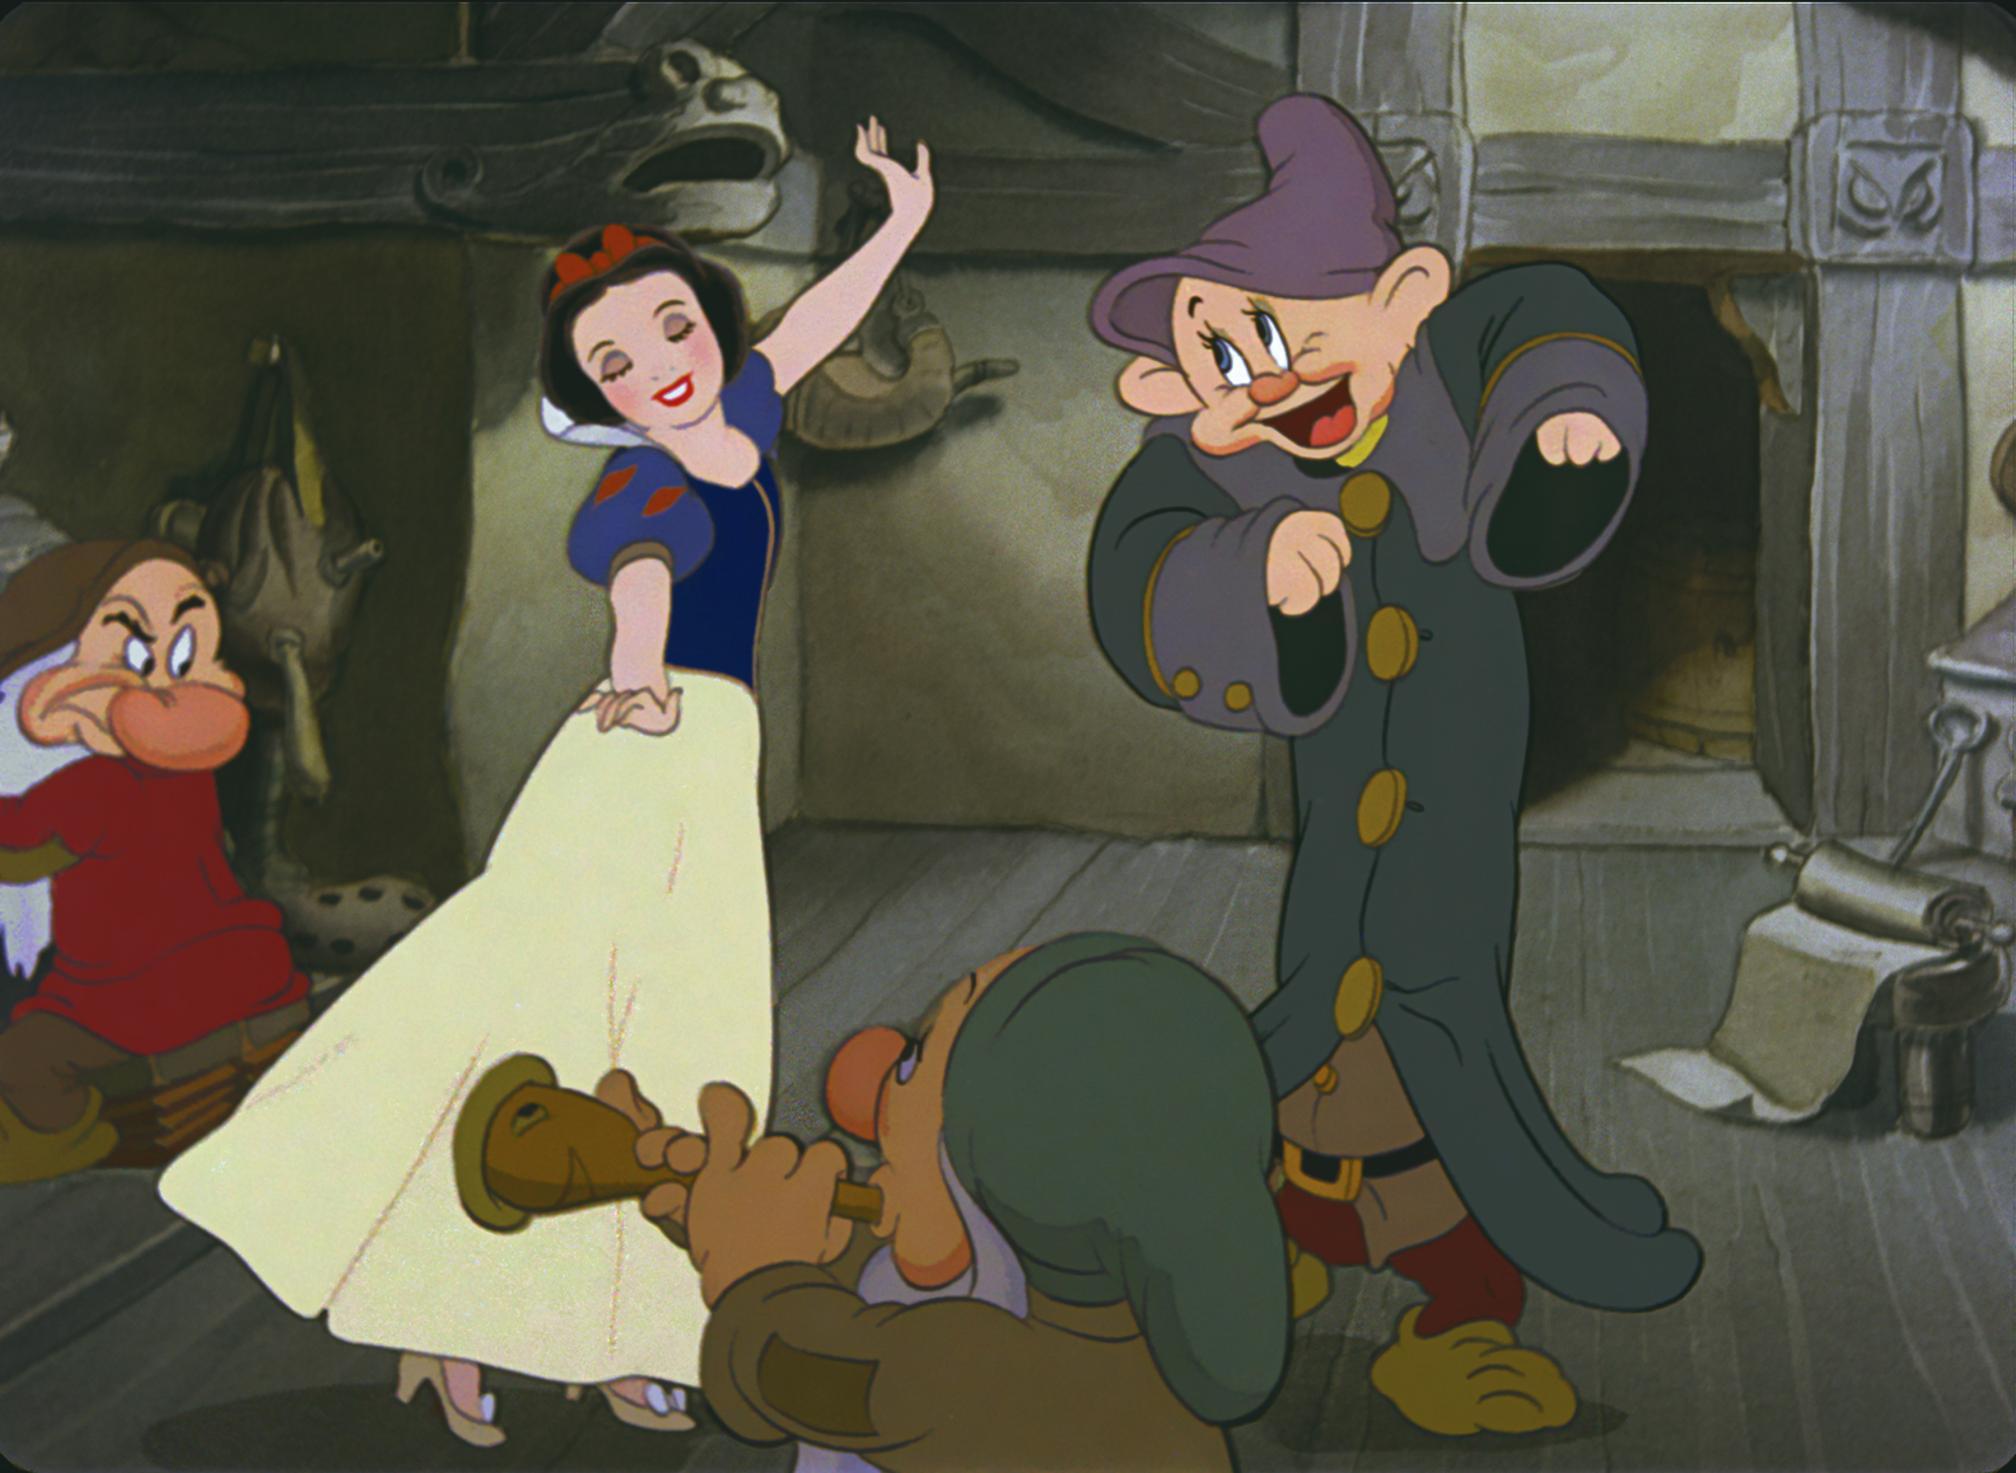 白雪公主與七個小矮人劇照 2